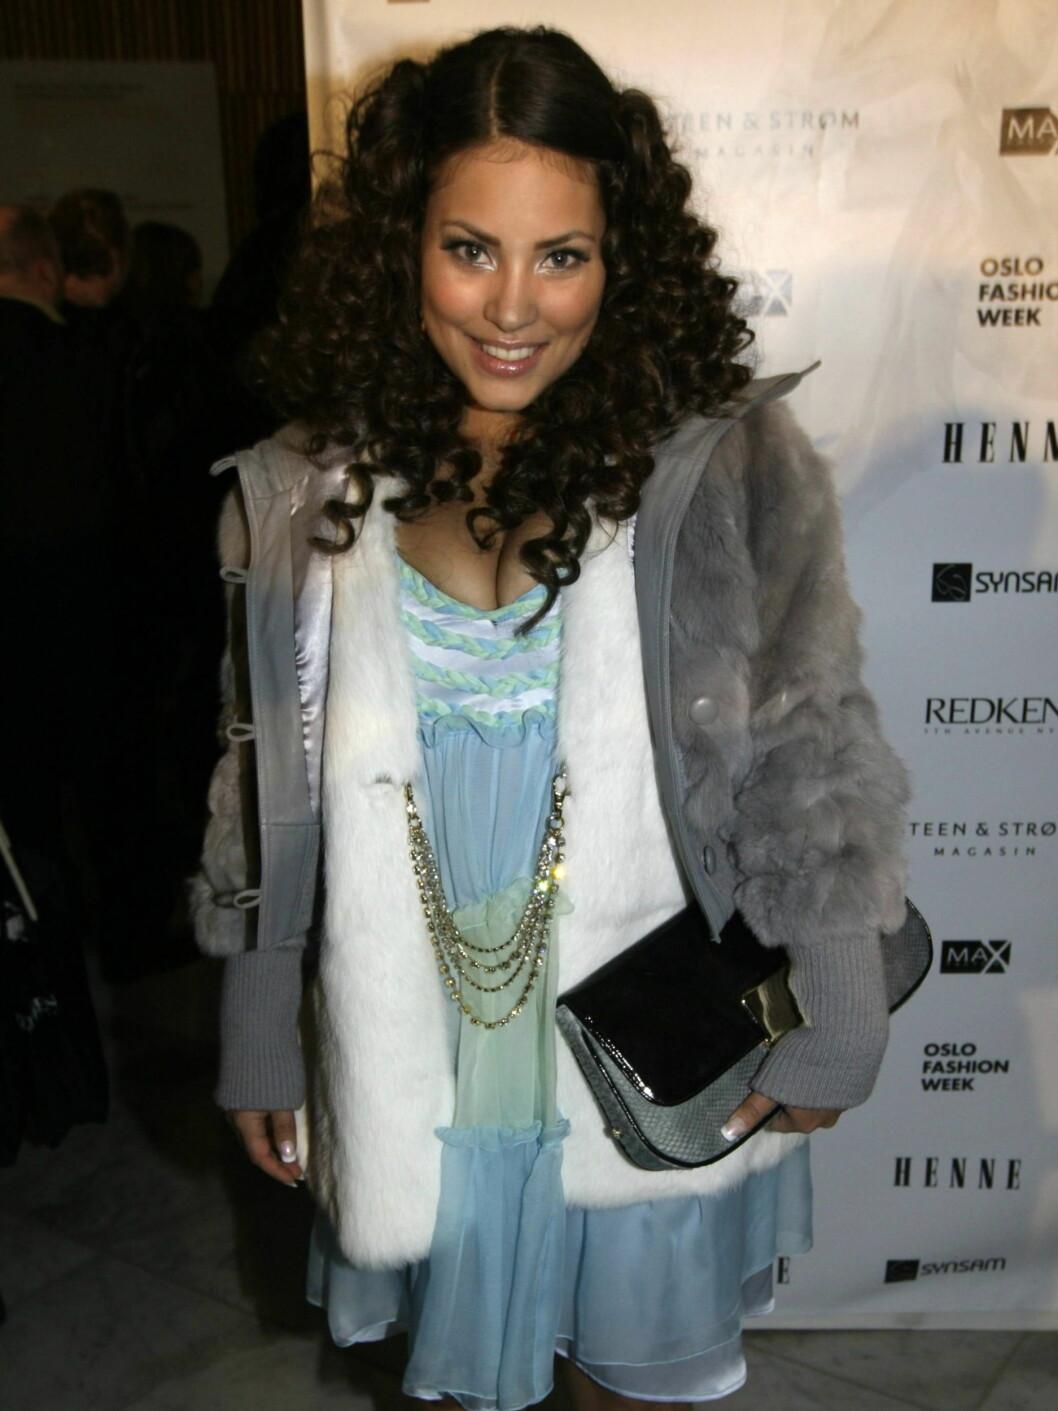 PÅ FEST: Popartisten Mira Craig var på plass under åpningen av Oslo Fashion Week. Foto: SCANPIX